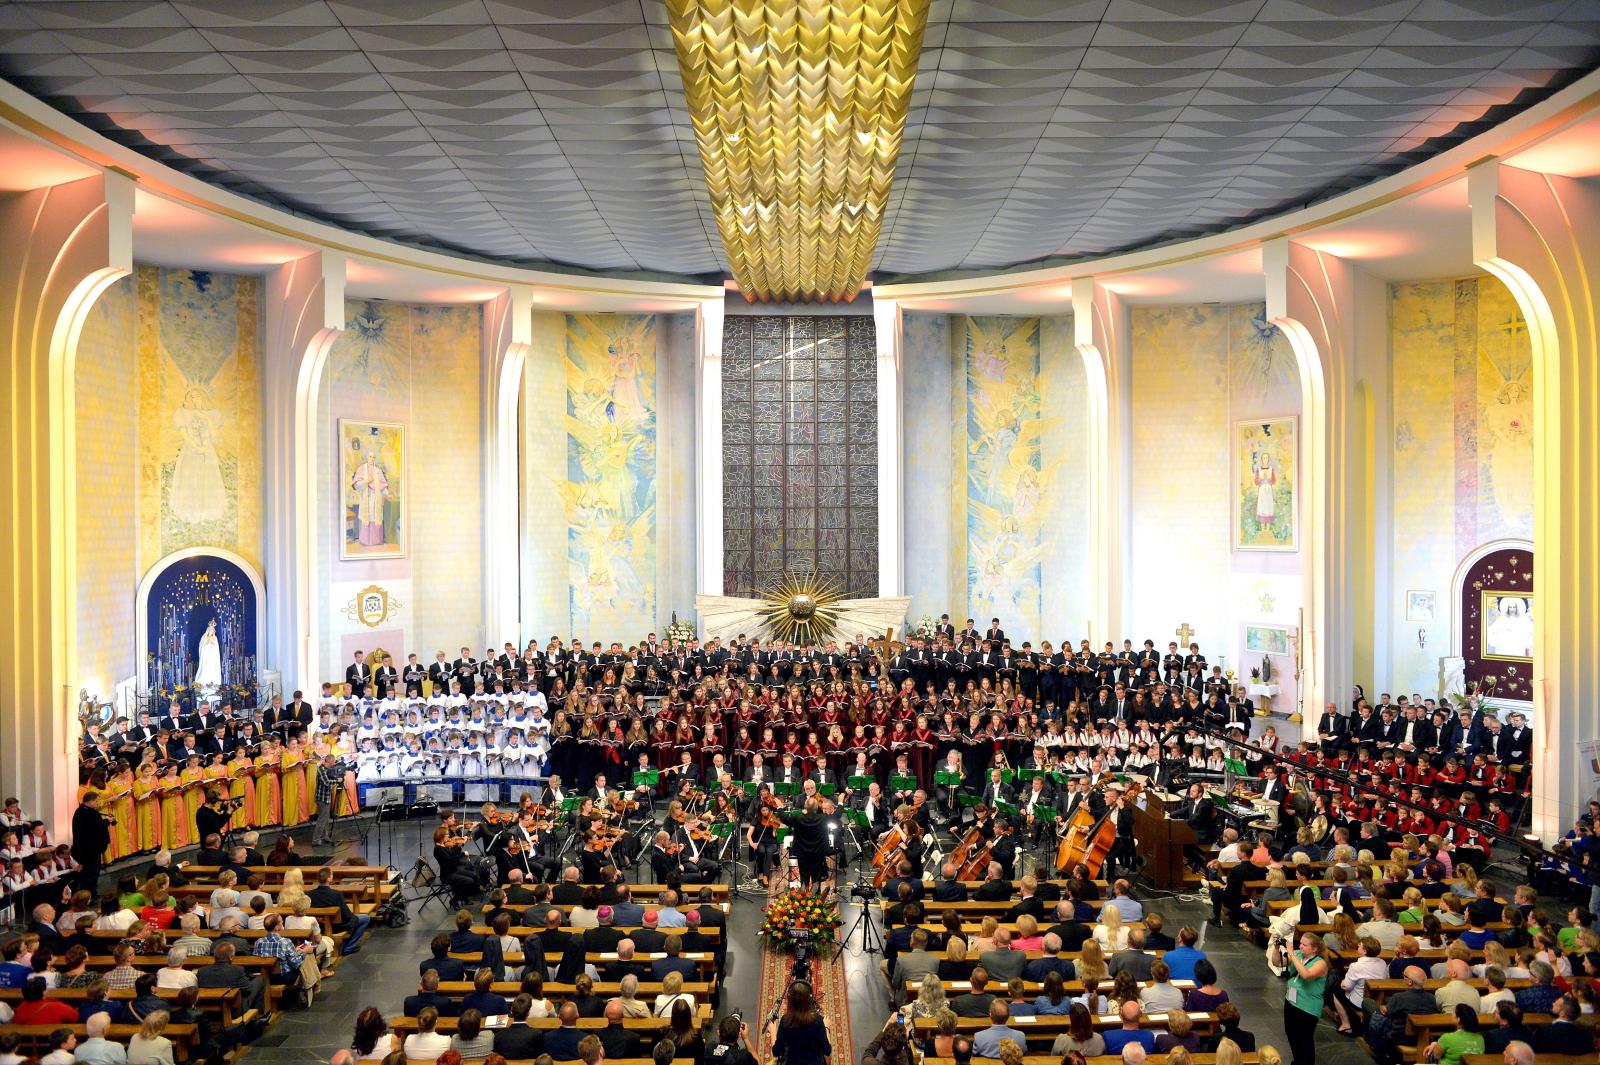 Uczestnicy IX Krajowego Kongresu Polskiej Federacji Pueri Cantores podczas koncertu galowego w katedrze w Rzeszowie. W spotkaniu uczestniczy ponad 1000 chórzystów z całej Polski oraz z Litwy, Łotwy, Ukrainy i Węgier. Pueri Cantores to organizacja kościelna zrzeszająca zespoły w 41 krajach na całym świecie. Jej polska federacja obchodzi w tym roku jubileusz 25-lecia.